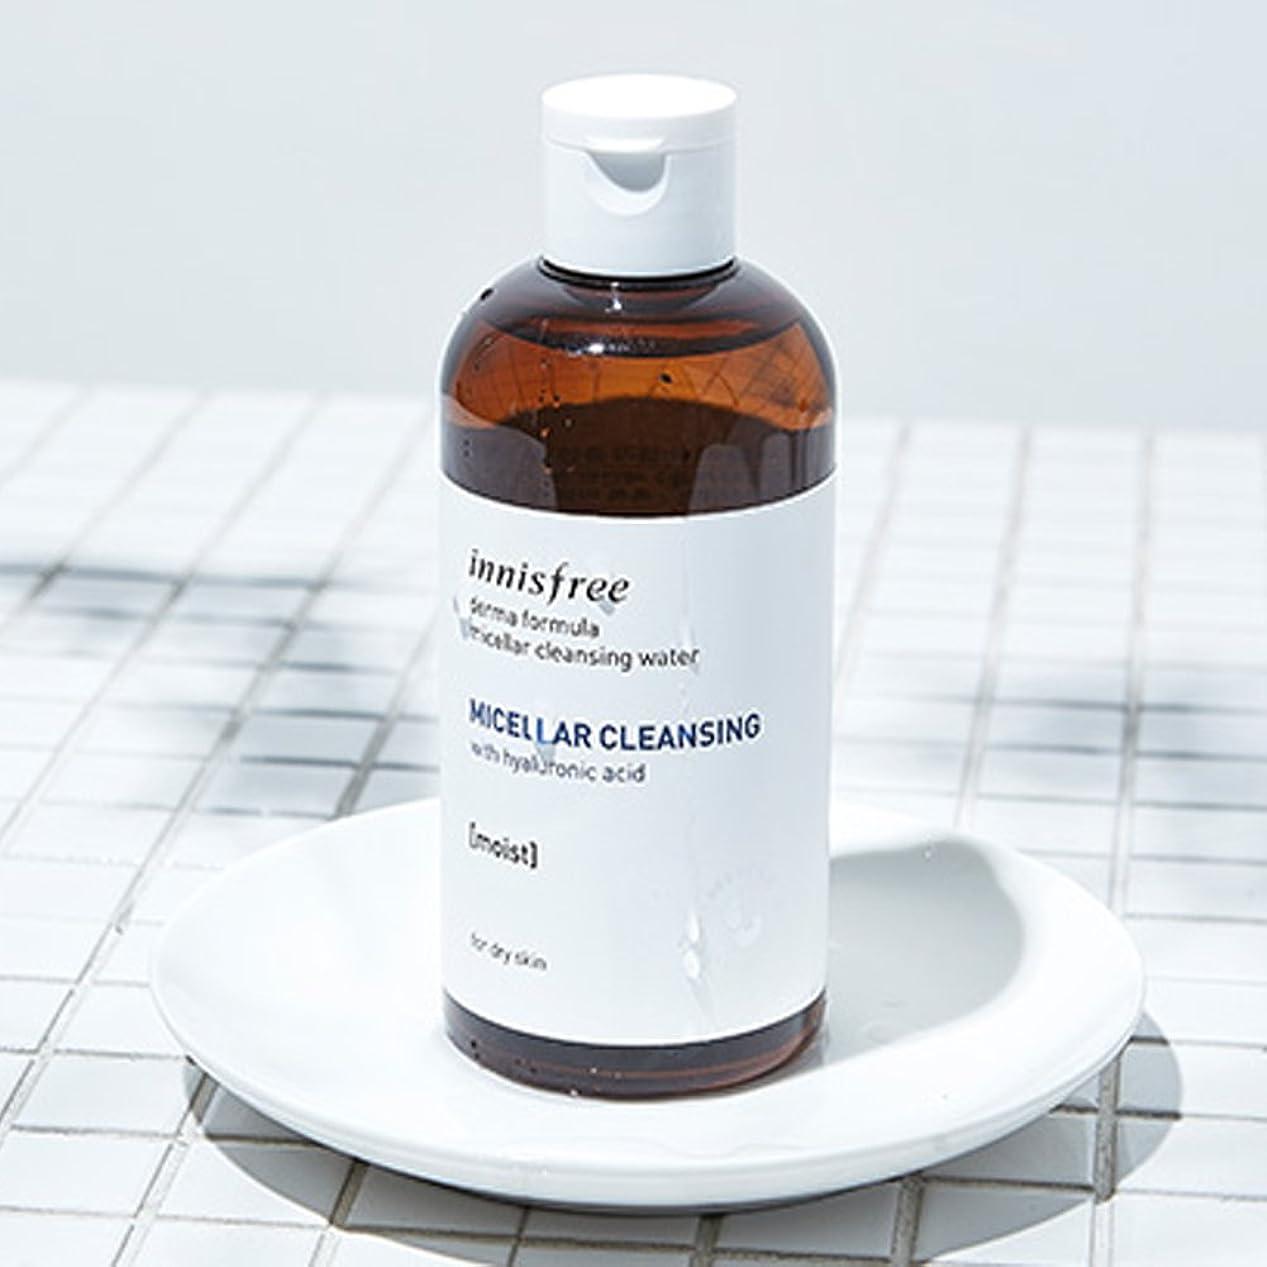 つば真剣にモートイニスフリータンジェリンビタCスキン(トナー)200ml Innisfree Tangerine Vita C Skin(Toner) 200ml [海外直送品][並行輸入品]